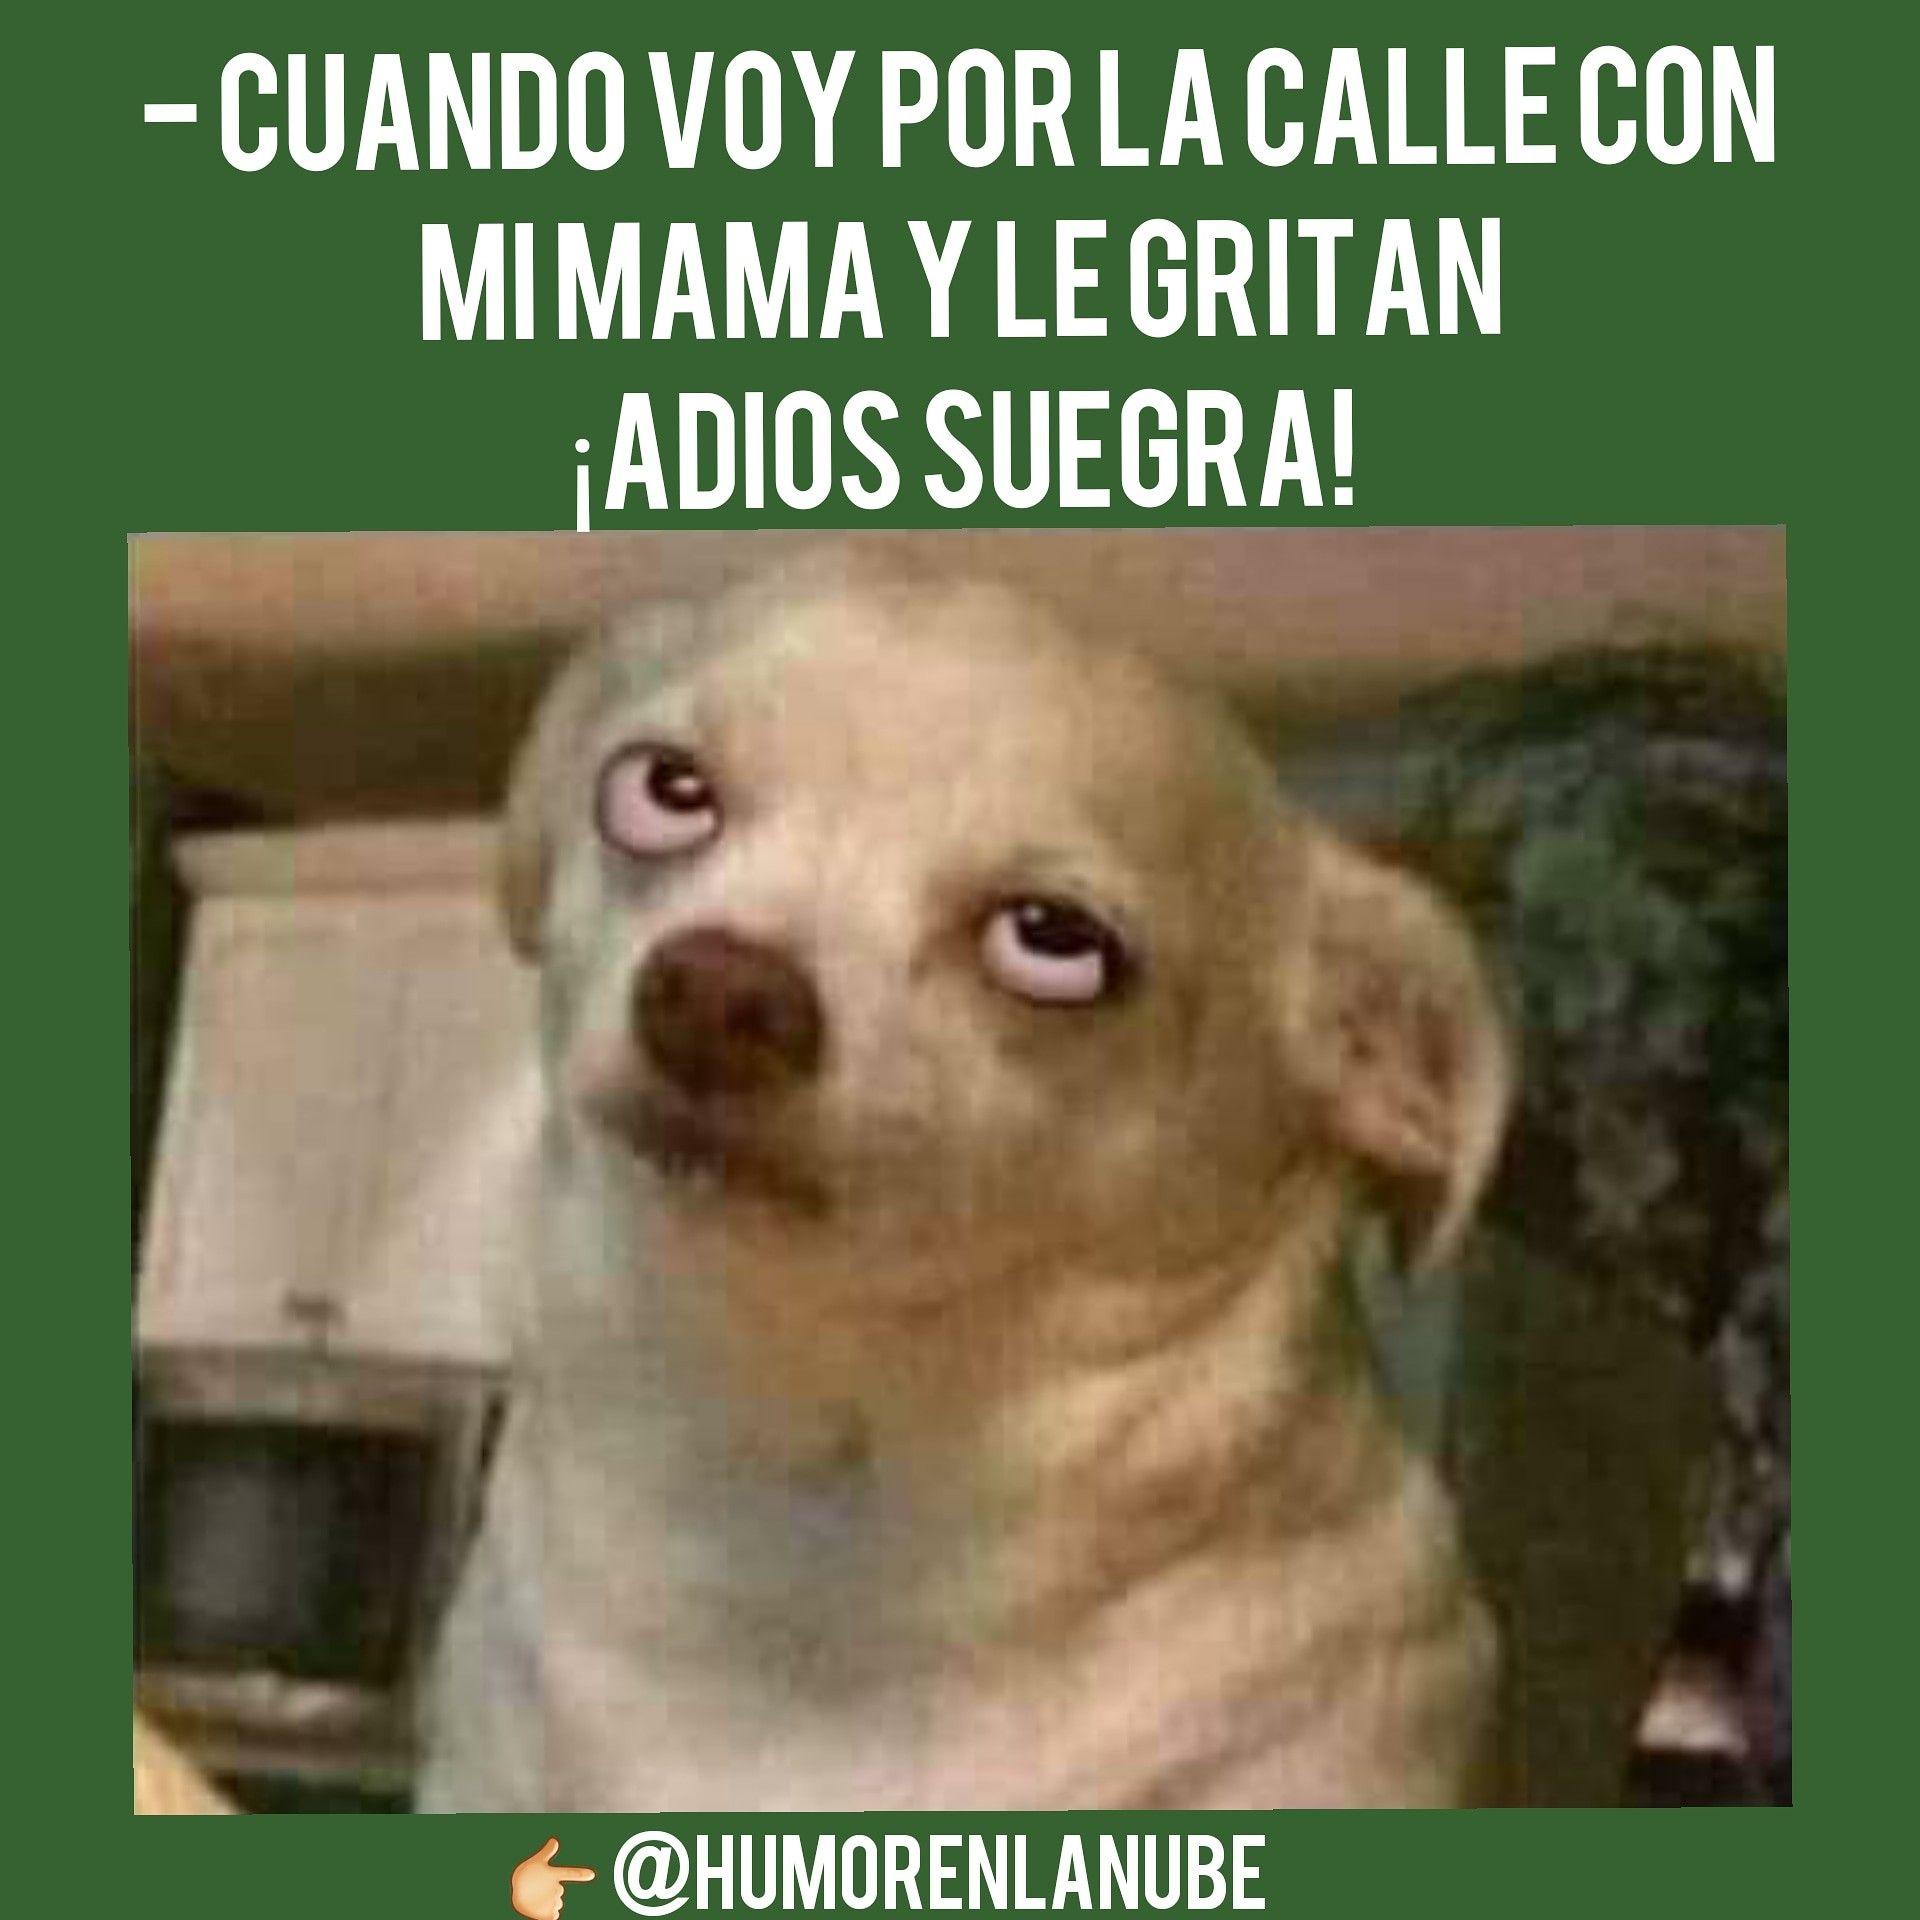 Descarga Este Meme Y Muchos Mas En Nuestra Web Humor Memes Momos Memesespanol Mascotas Memes Memes Perros Gracioso